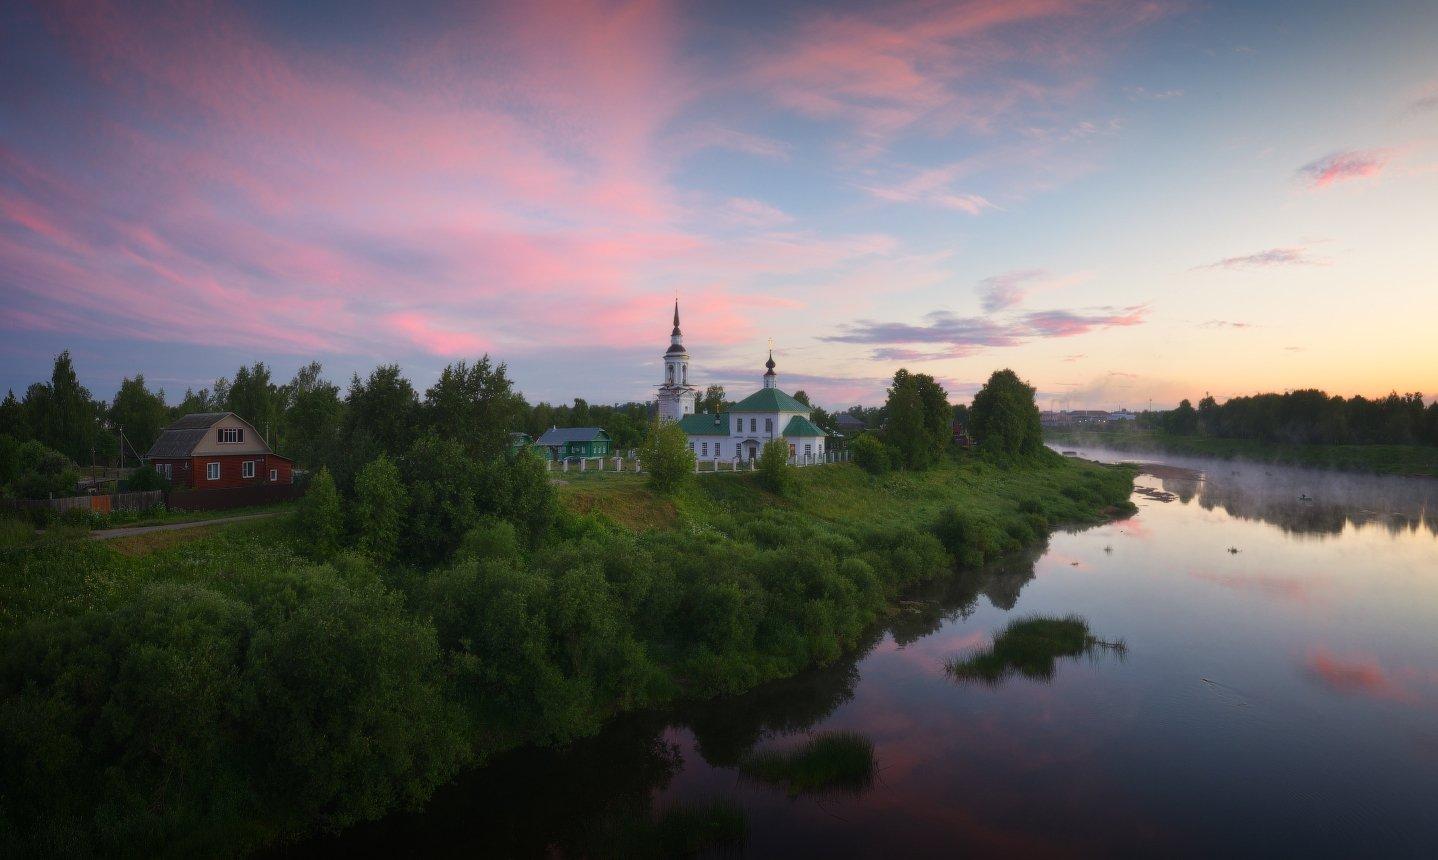 пейзаж, природа, река, буй, Гордиенко Анатолий